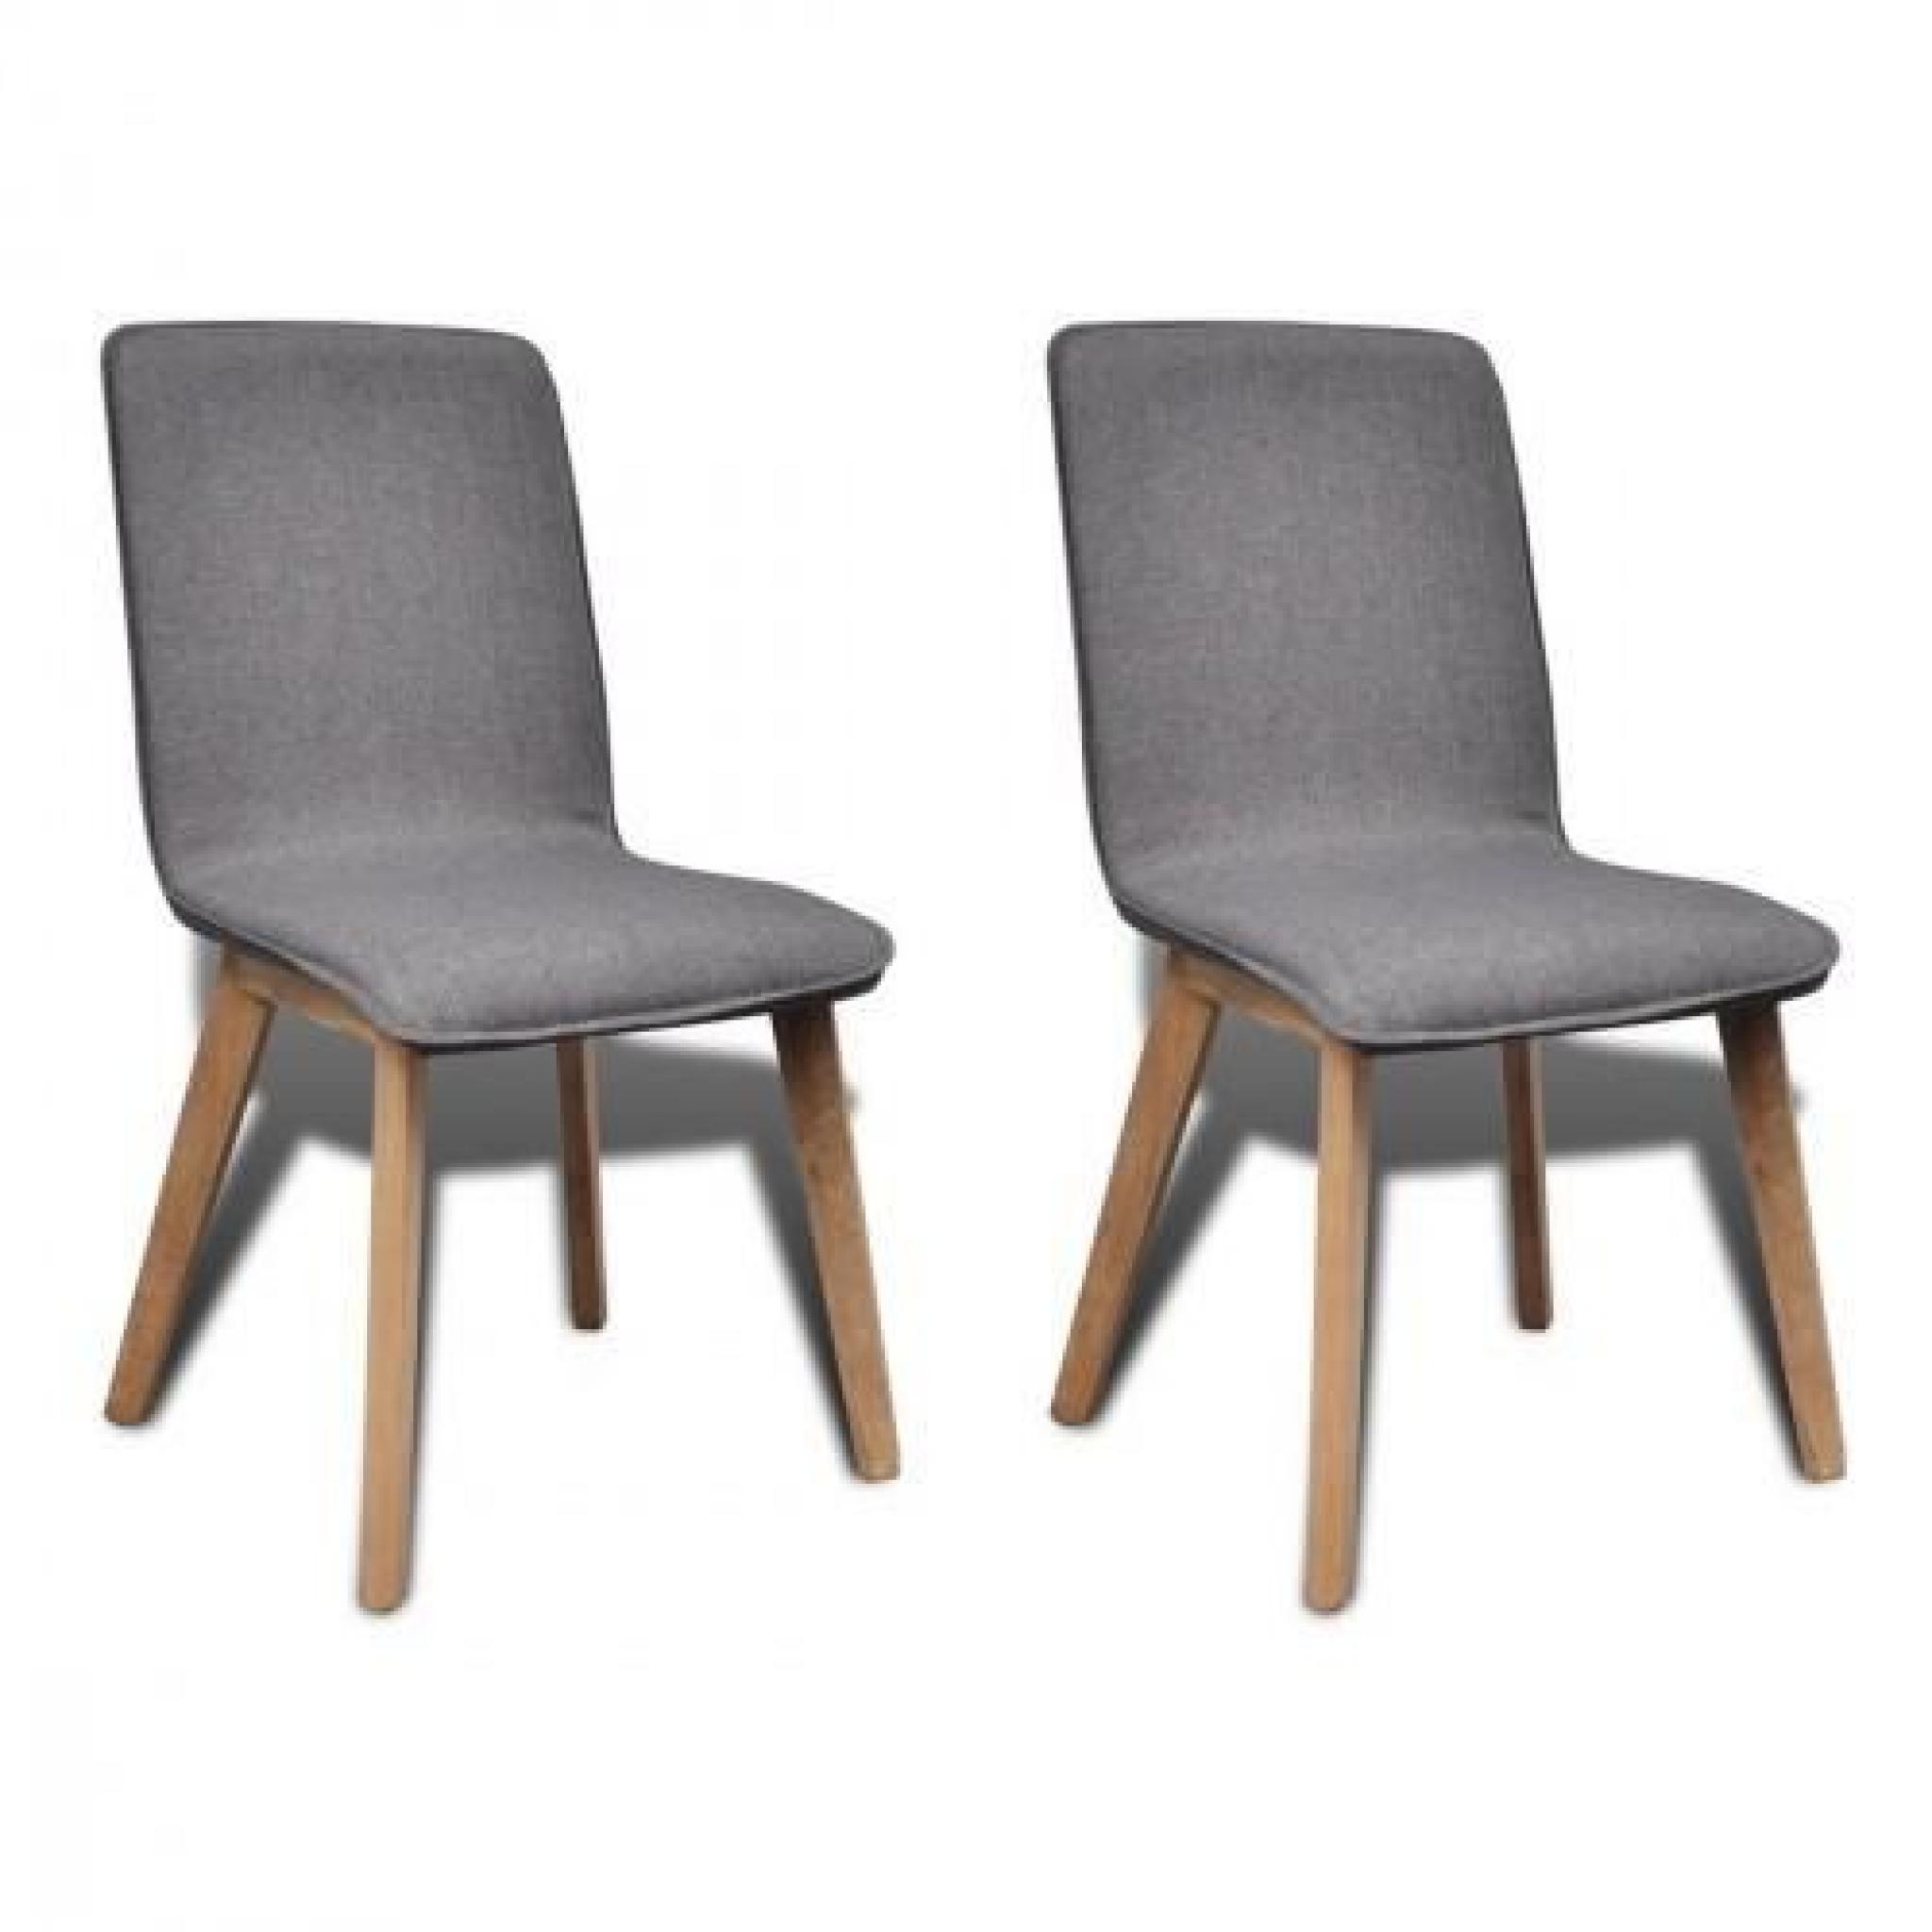 set de 2 chaises gondole pour int rieur en ch ne en tissu gris clair achat vente chaise salle. Black Bedroom Furniture Sets. Home Design Ideas